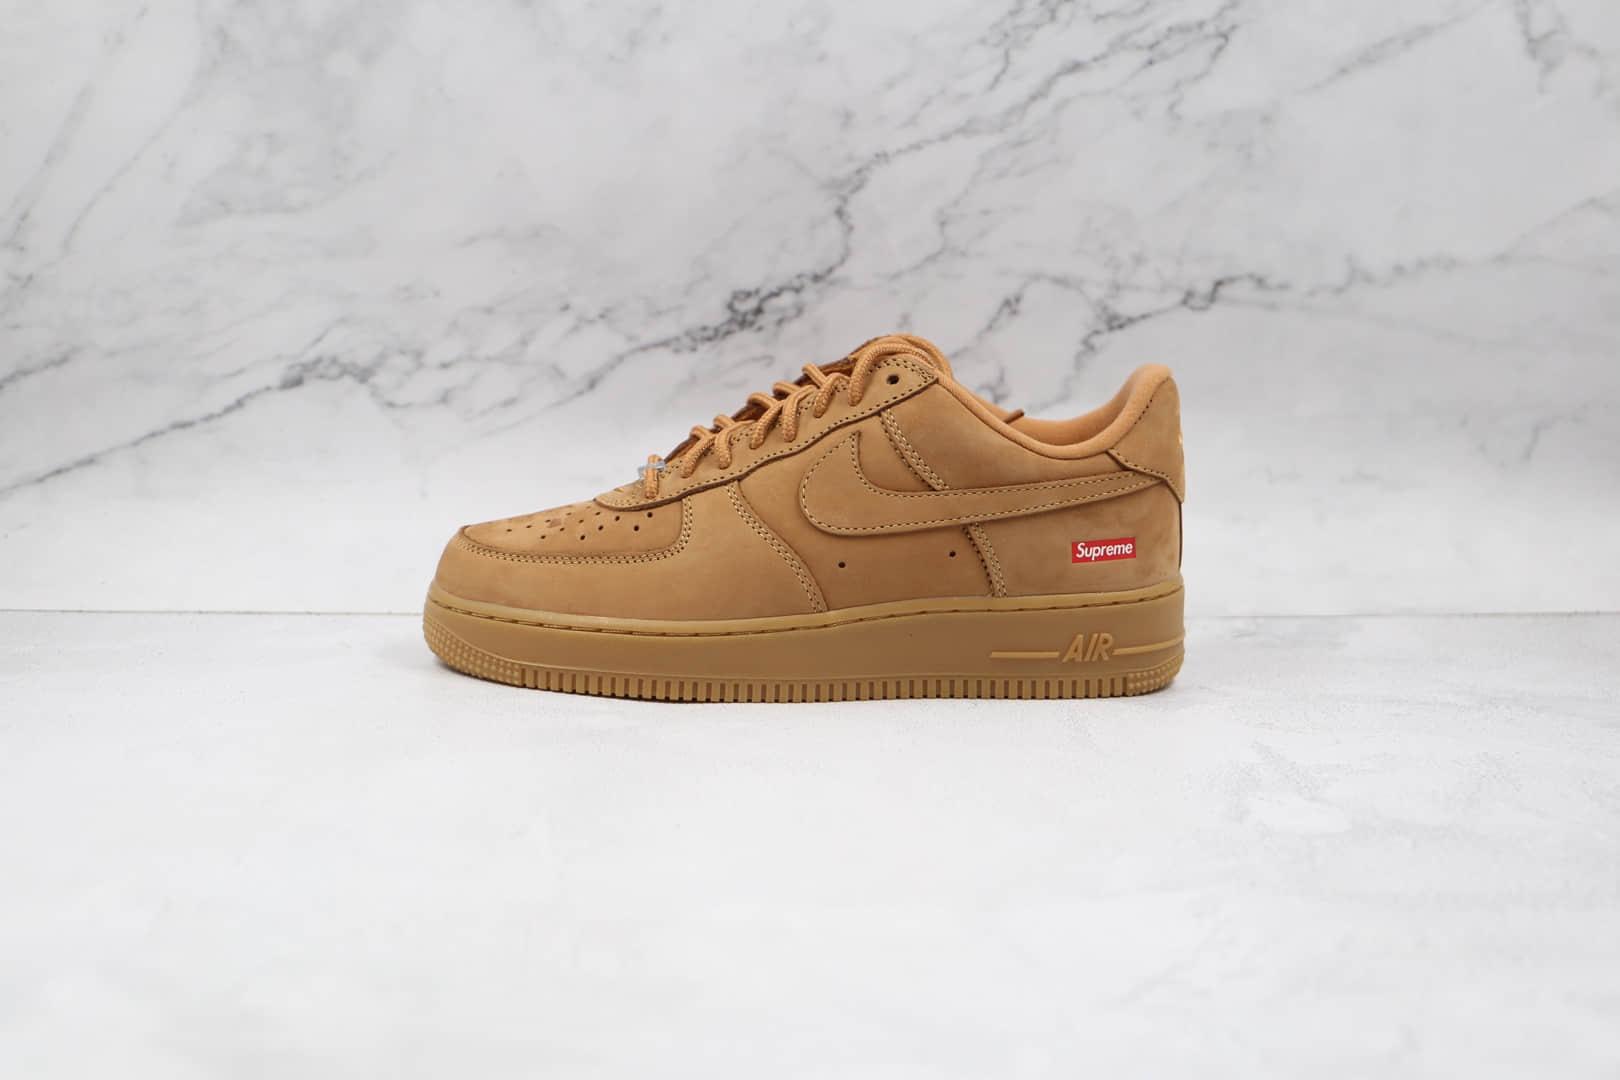 耐克Nike Air Force 1 Low Flax x Supreme联名款纯原版本低帮空军一号小麦色板鞋内置气垫 货号:DN1555-200